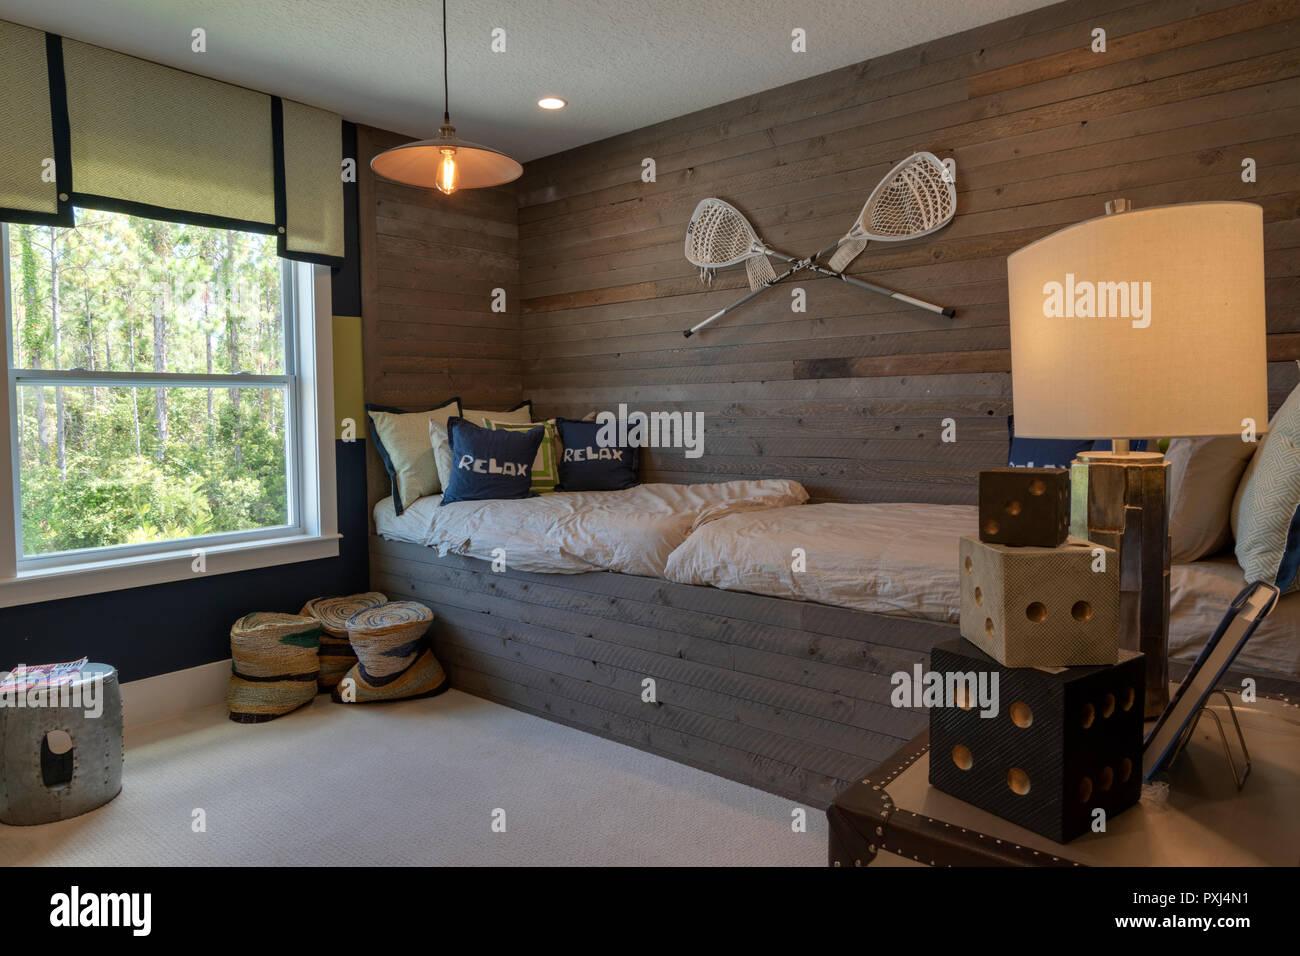 Jungen Schlafzimmer mit lacrosse Thema mit einem Bett und Blick ...